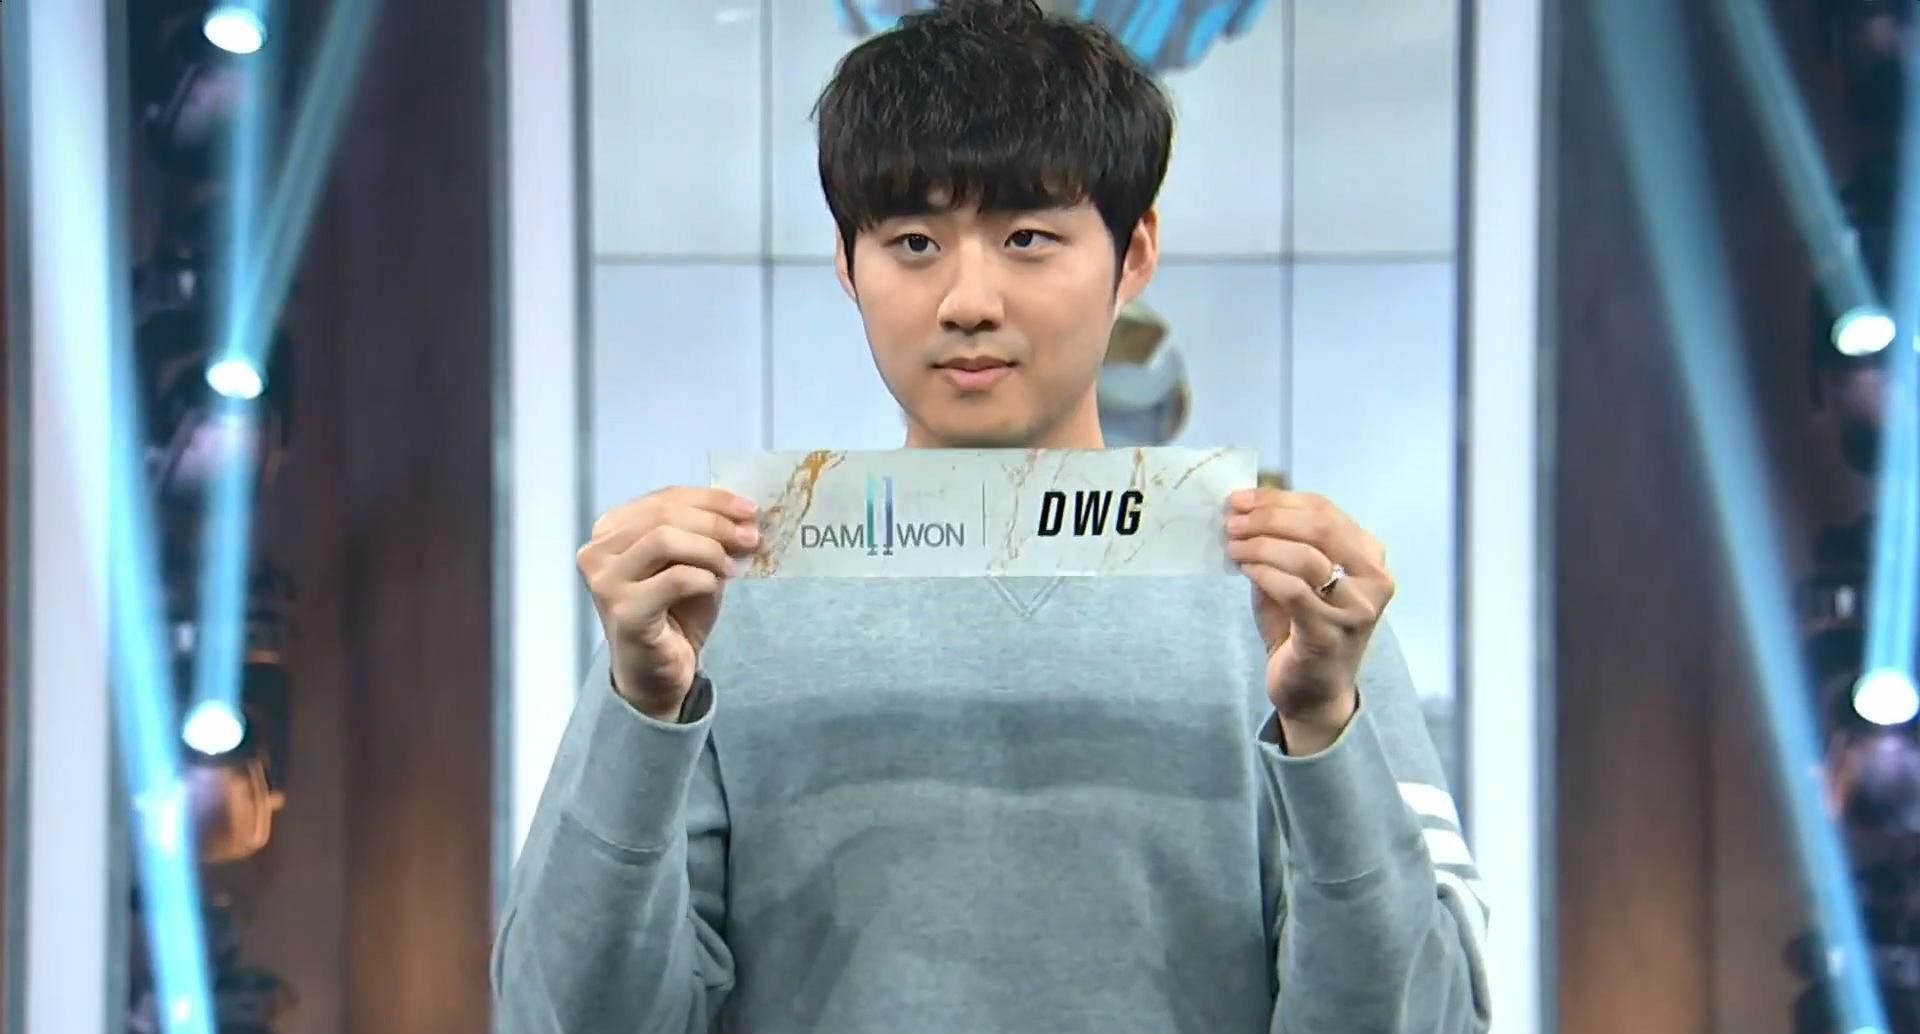 小组赛抽签情况确定:DWG进入D组面对IG